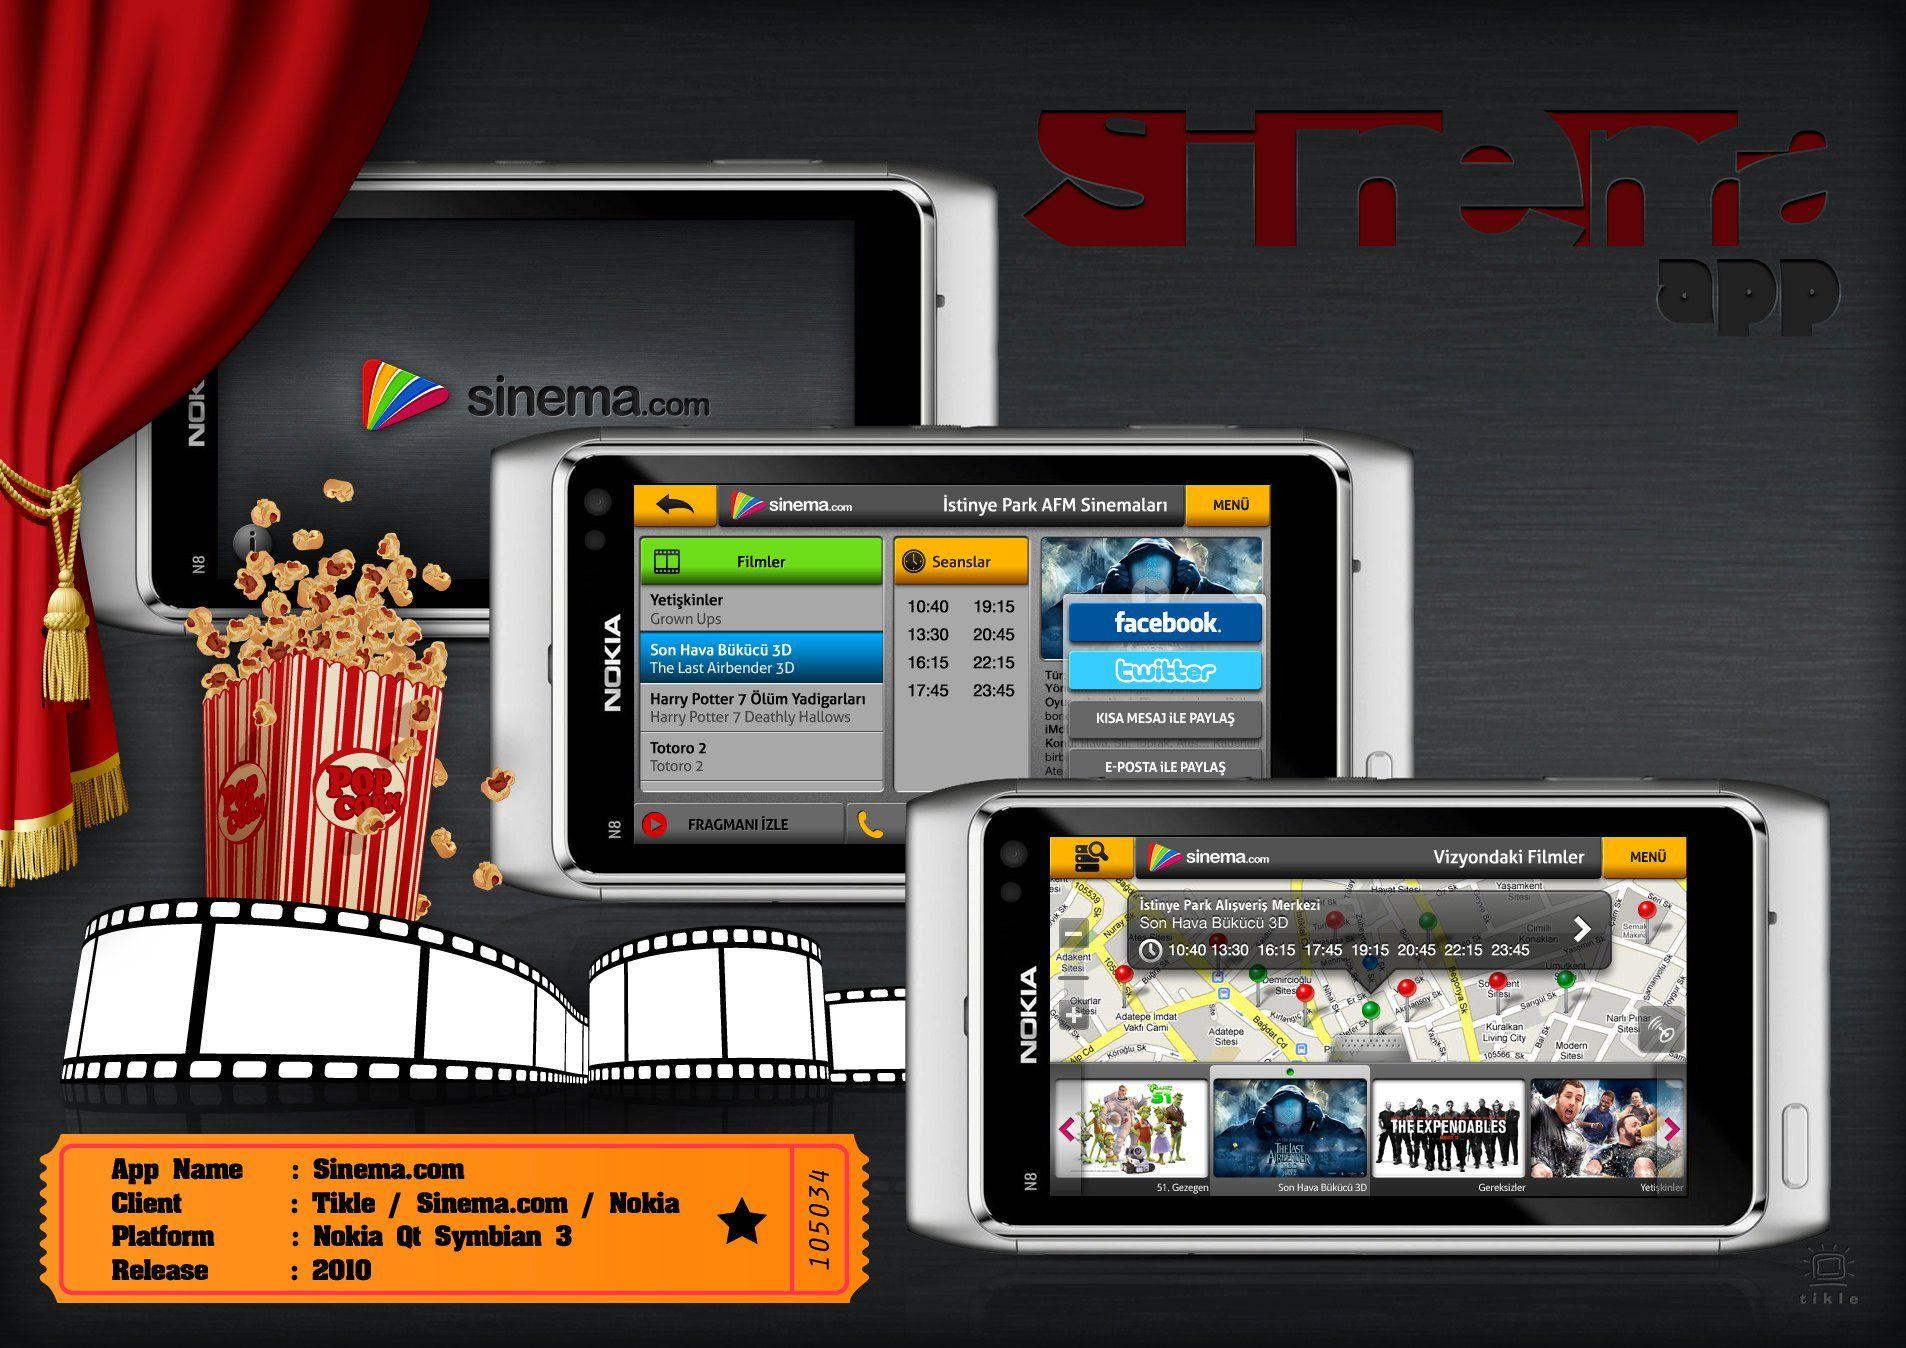 Sinema.com Nokia Qt Application